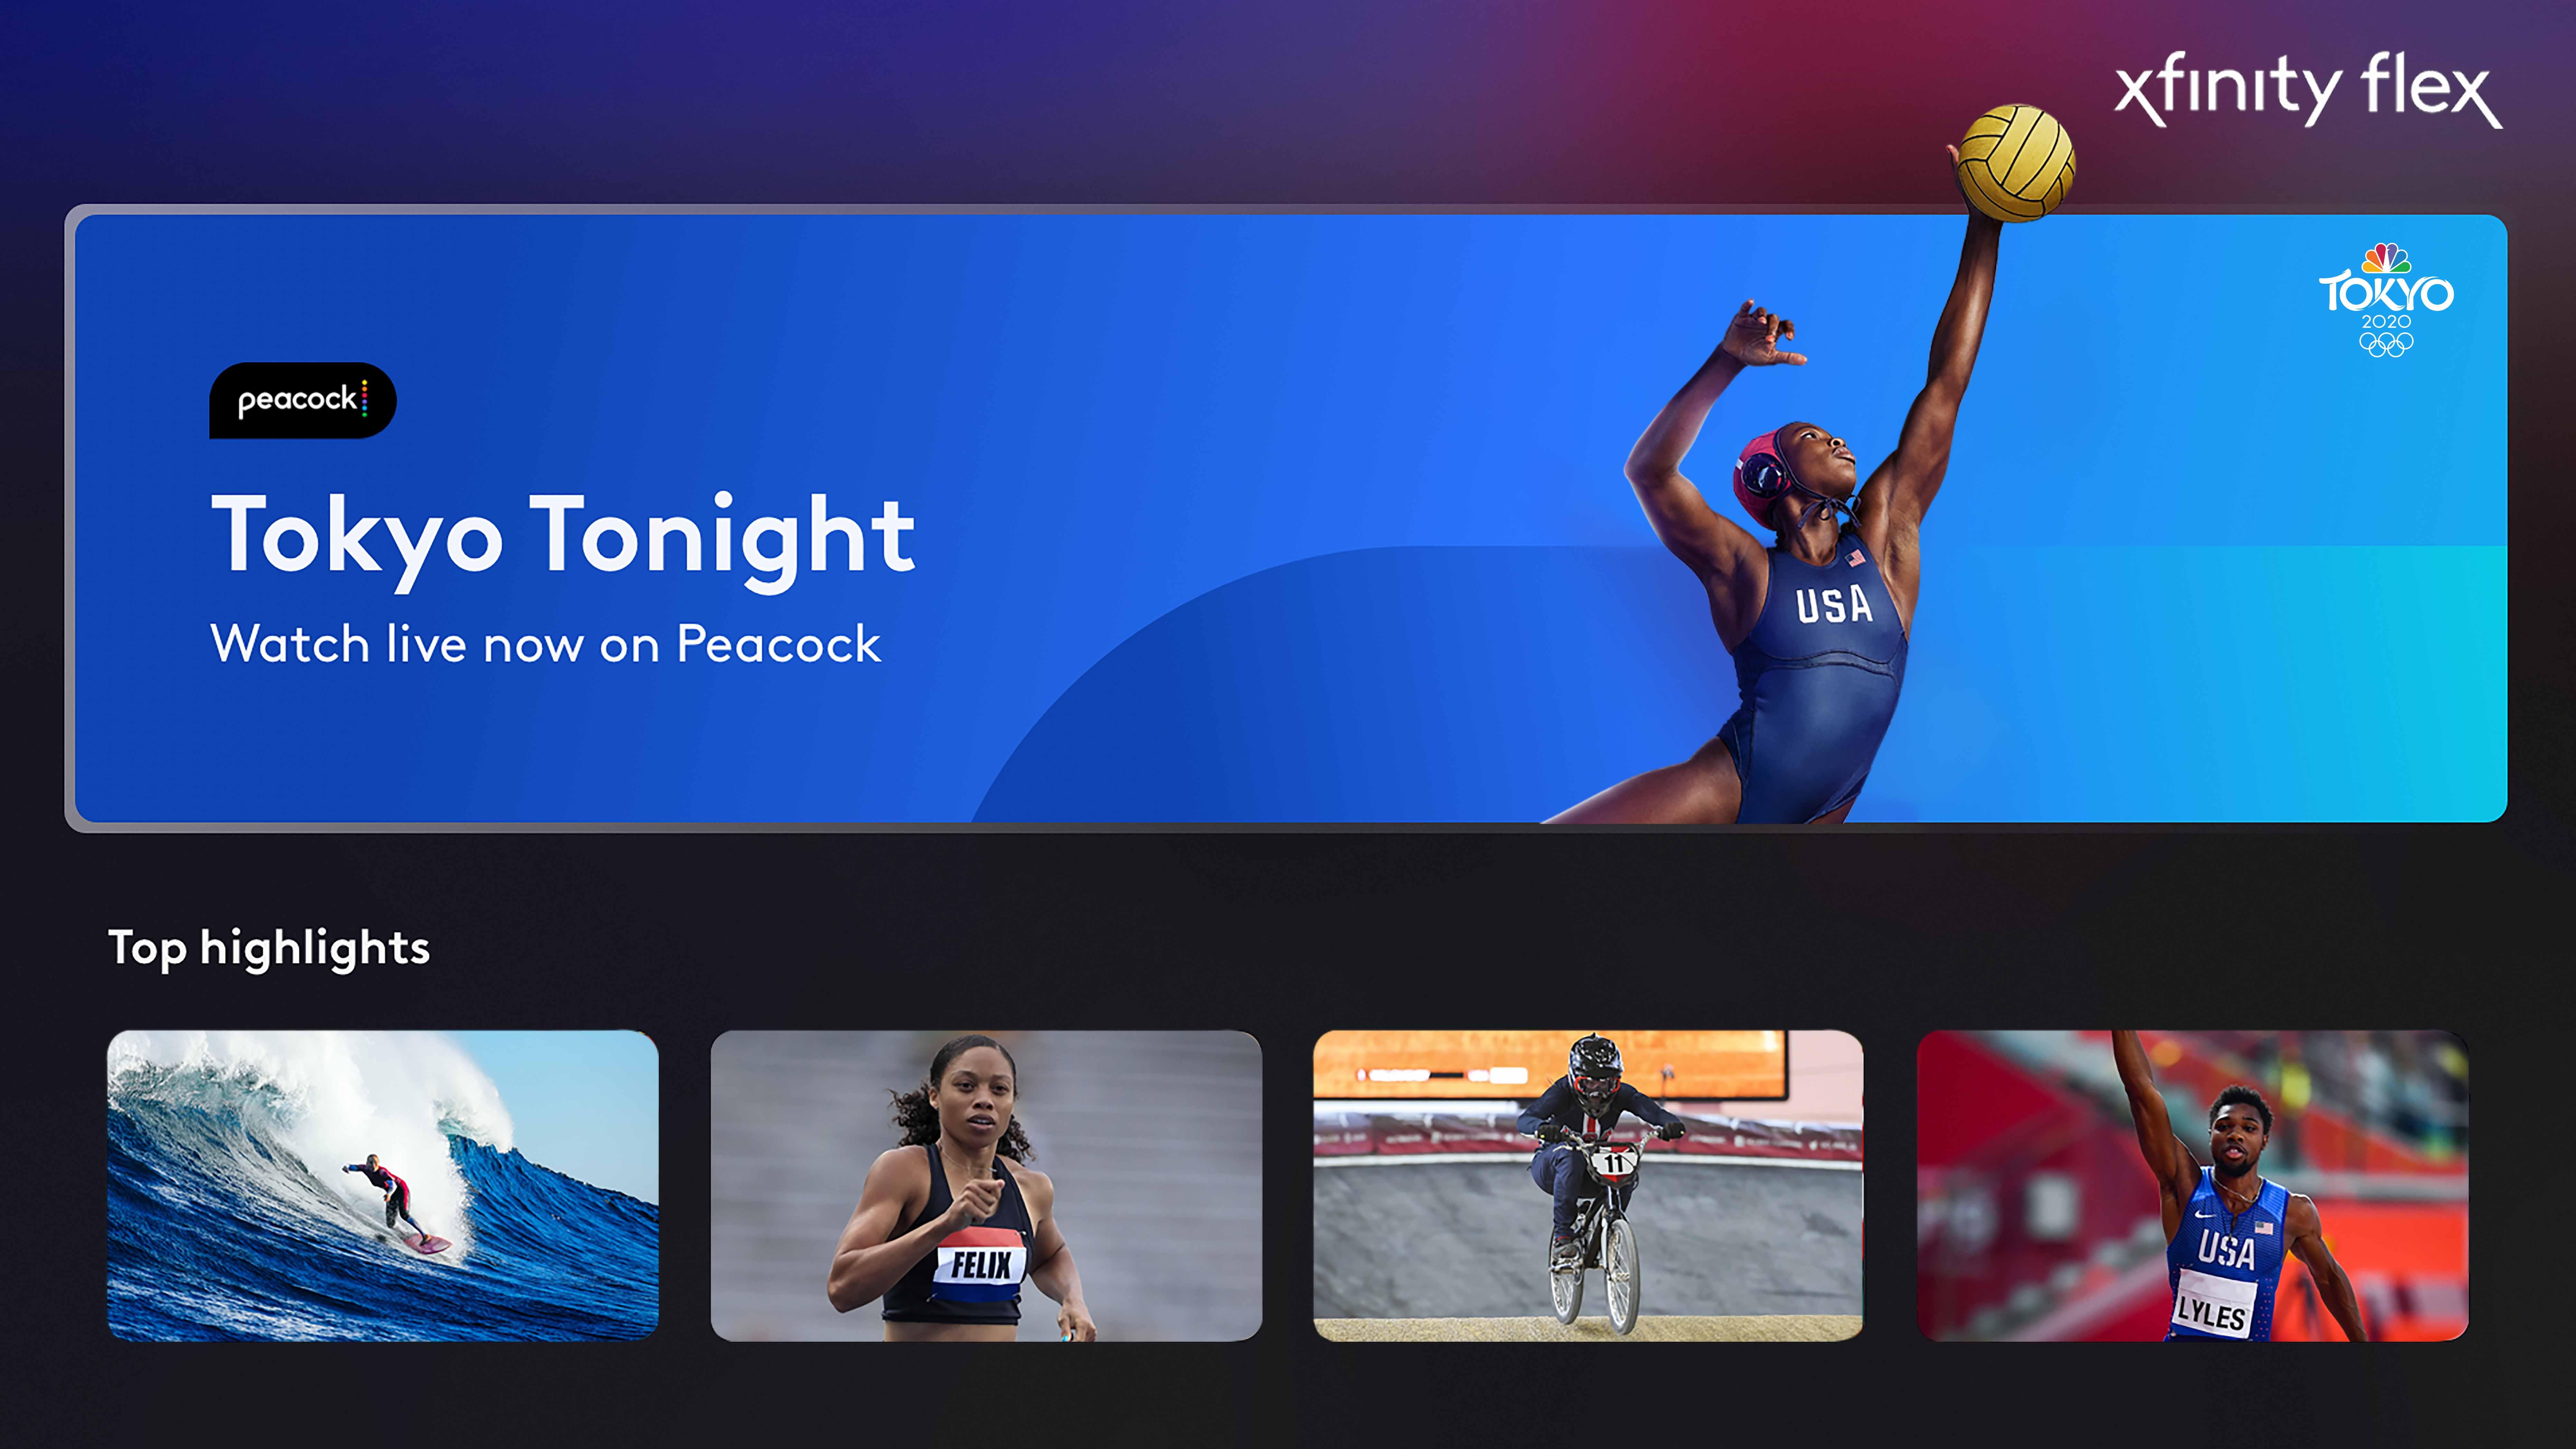 Team USA y los Juegos Olímpicos de Tokio 2020 en Xfinity Flex